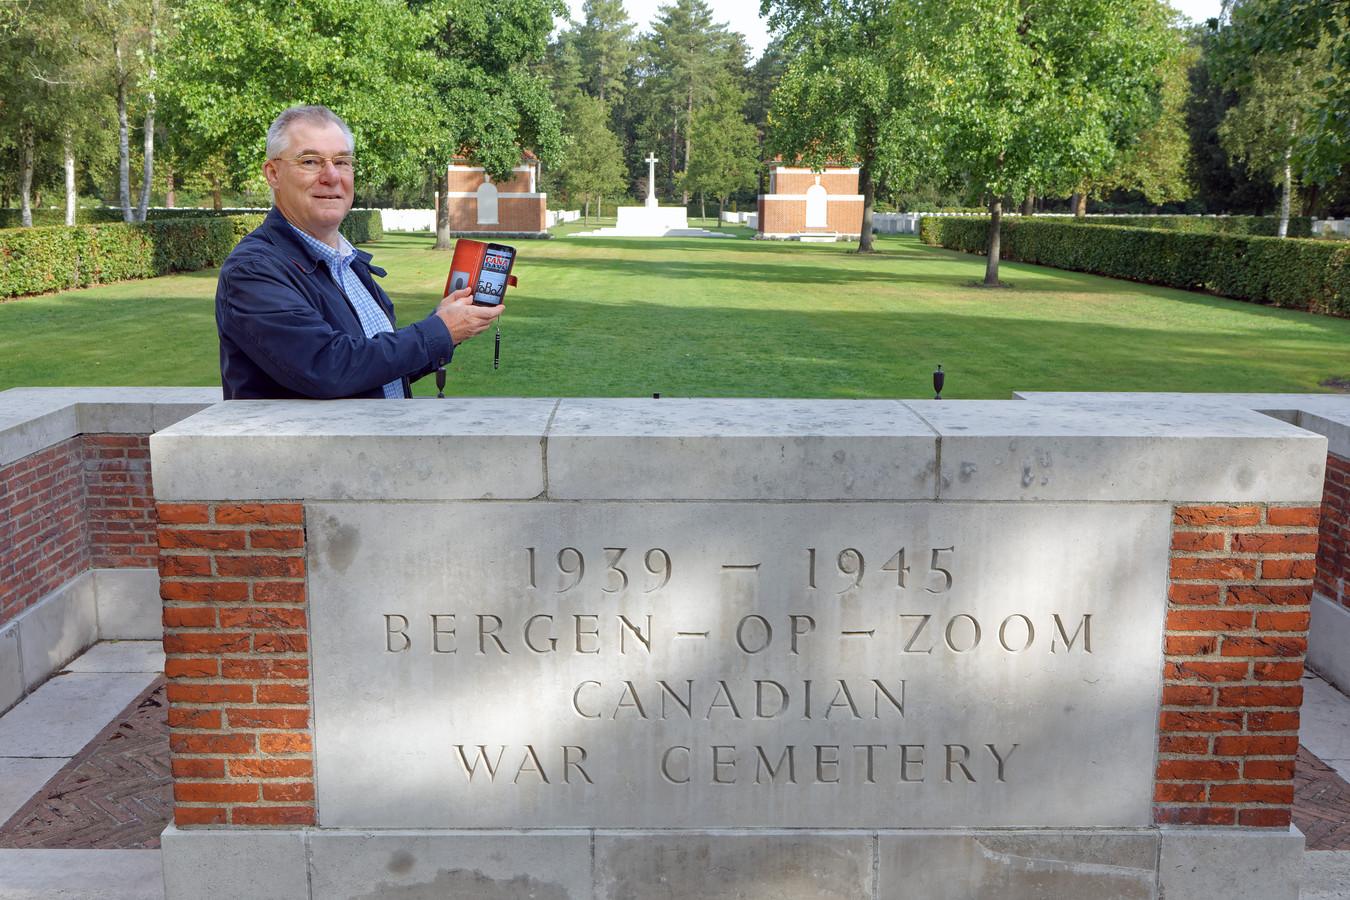 René Luijsterburg ontwikkelde een wandel-app die vanaf de Canadese en Britse begraafplaatsen in Bergen op Zoom langs oorlogslocaties voert. Informatie over elk punt op de route is te lezen én te horen via de app.